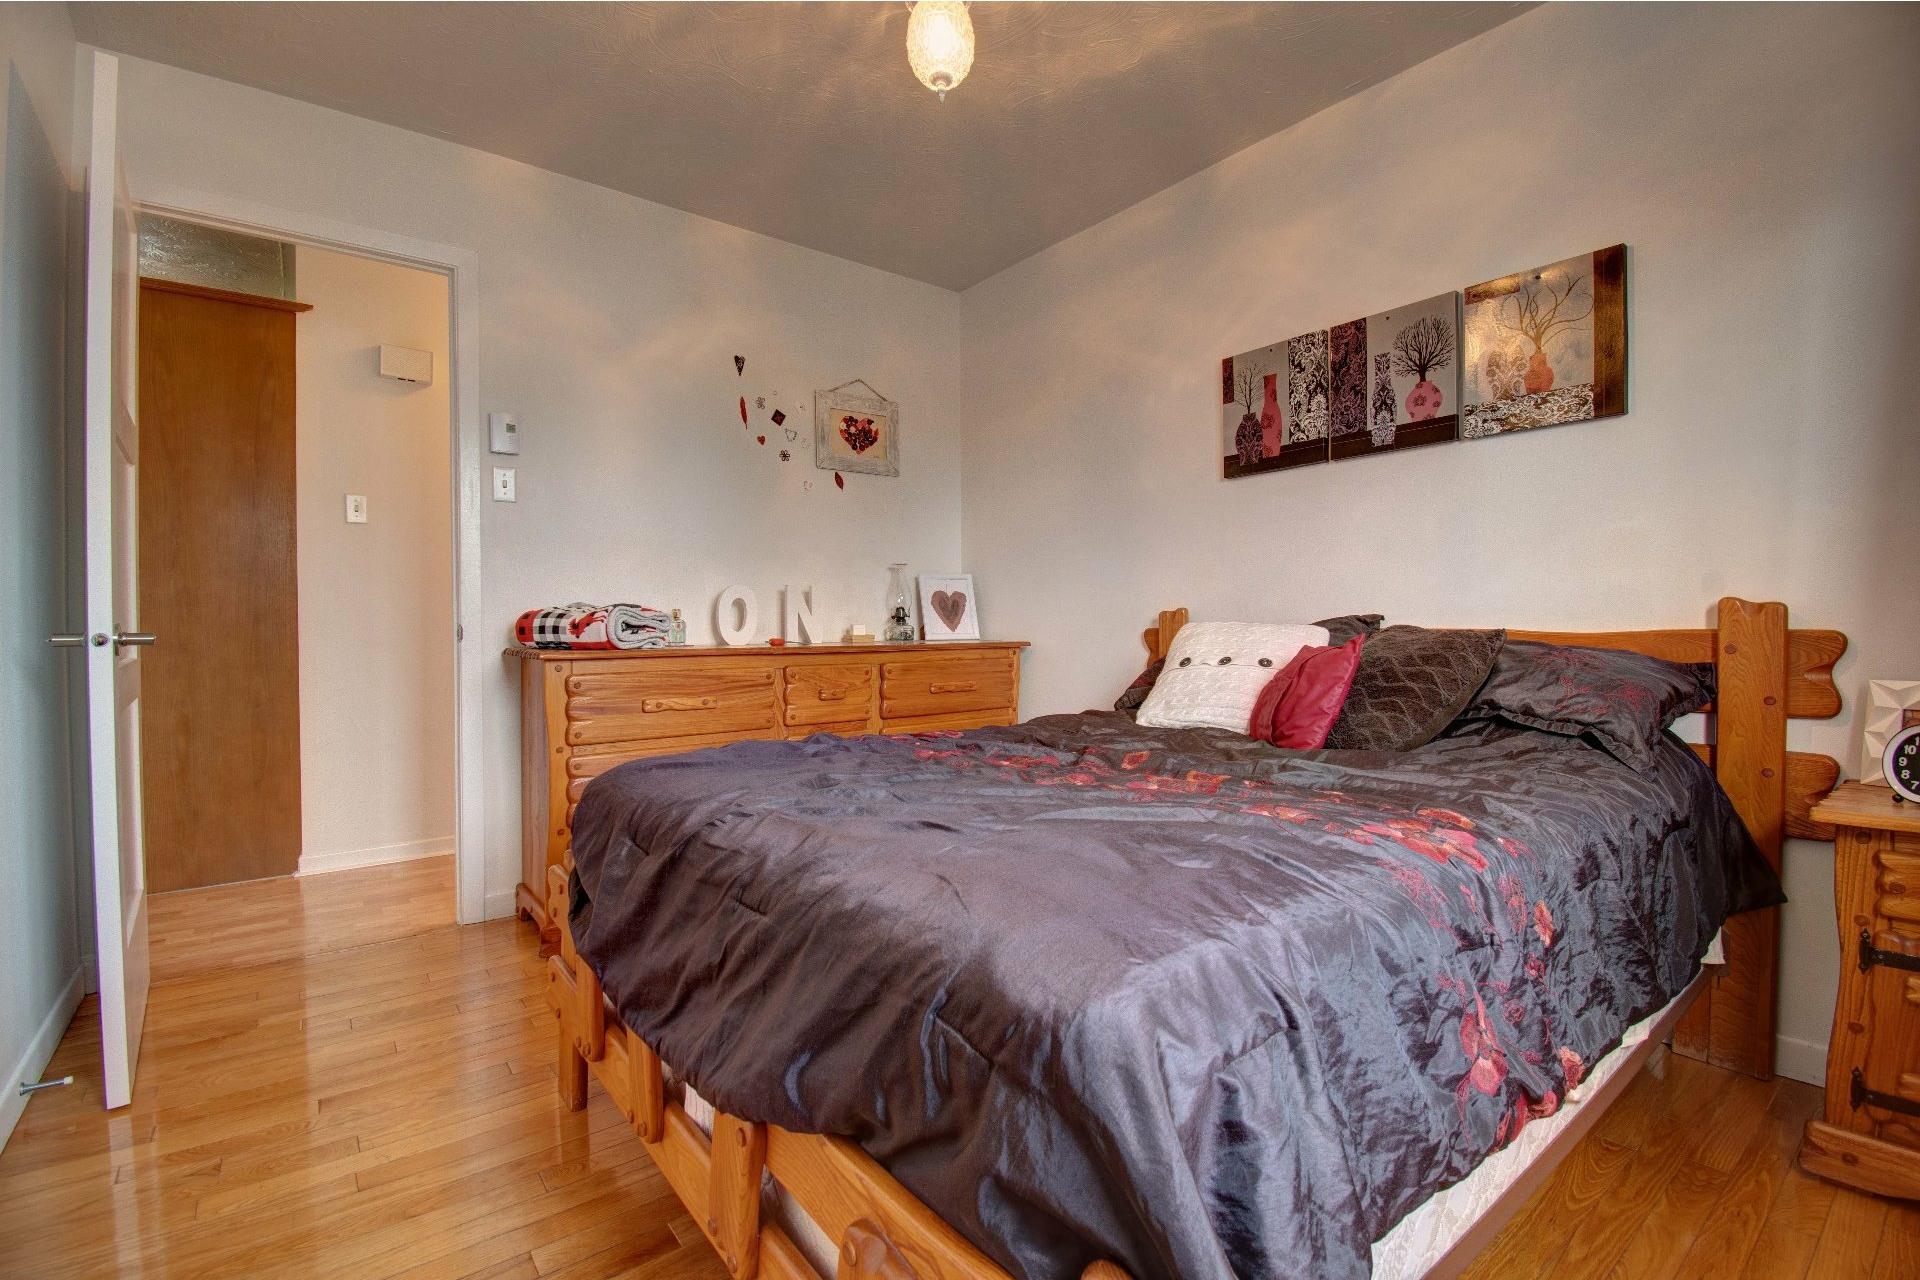 image 7 - Maison À vendre Trois-Rivières - 12 pièces